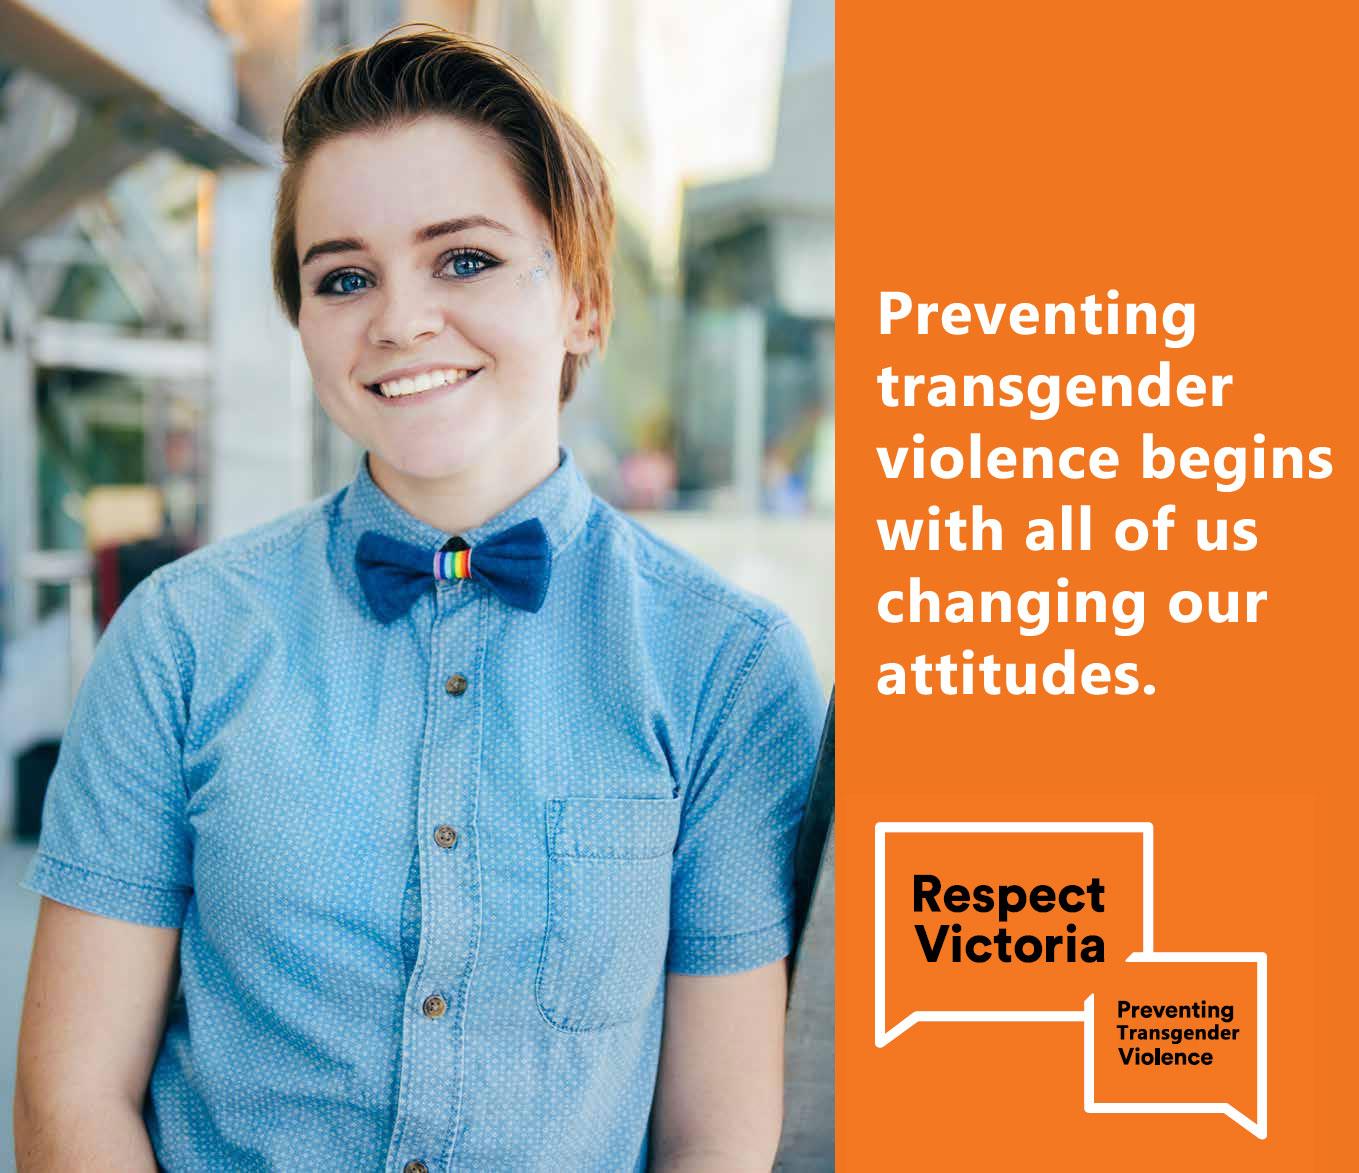 Respect Victoria - against transgender based violence